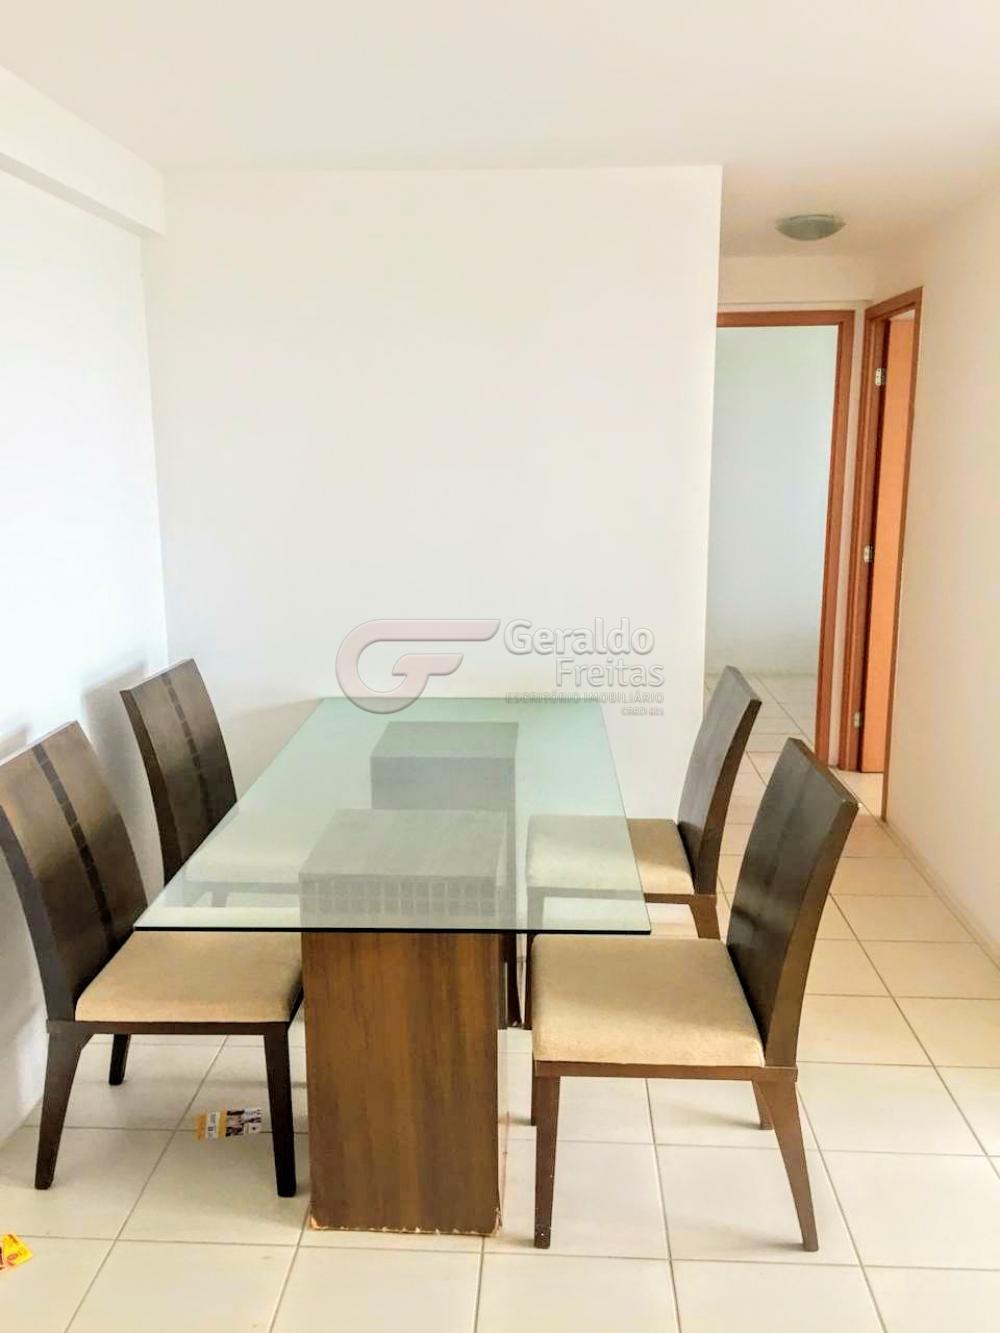 Comprar Apartamentos / Padrão em Maceió apenas R$ 190.000,00 - Foto 2